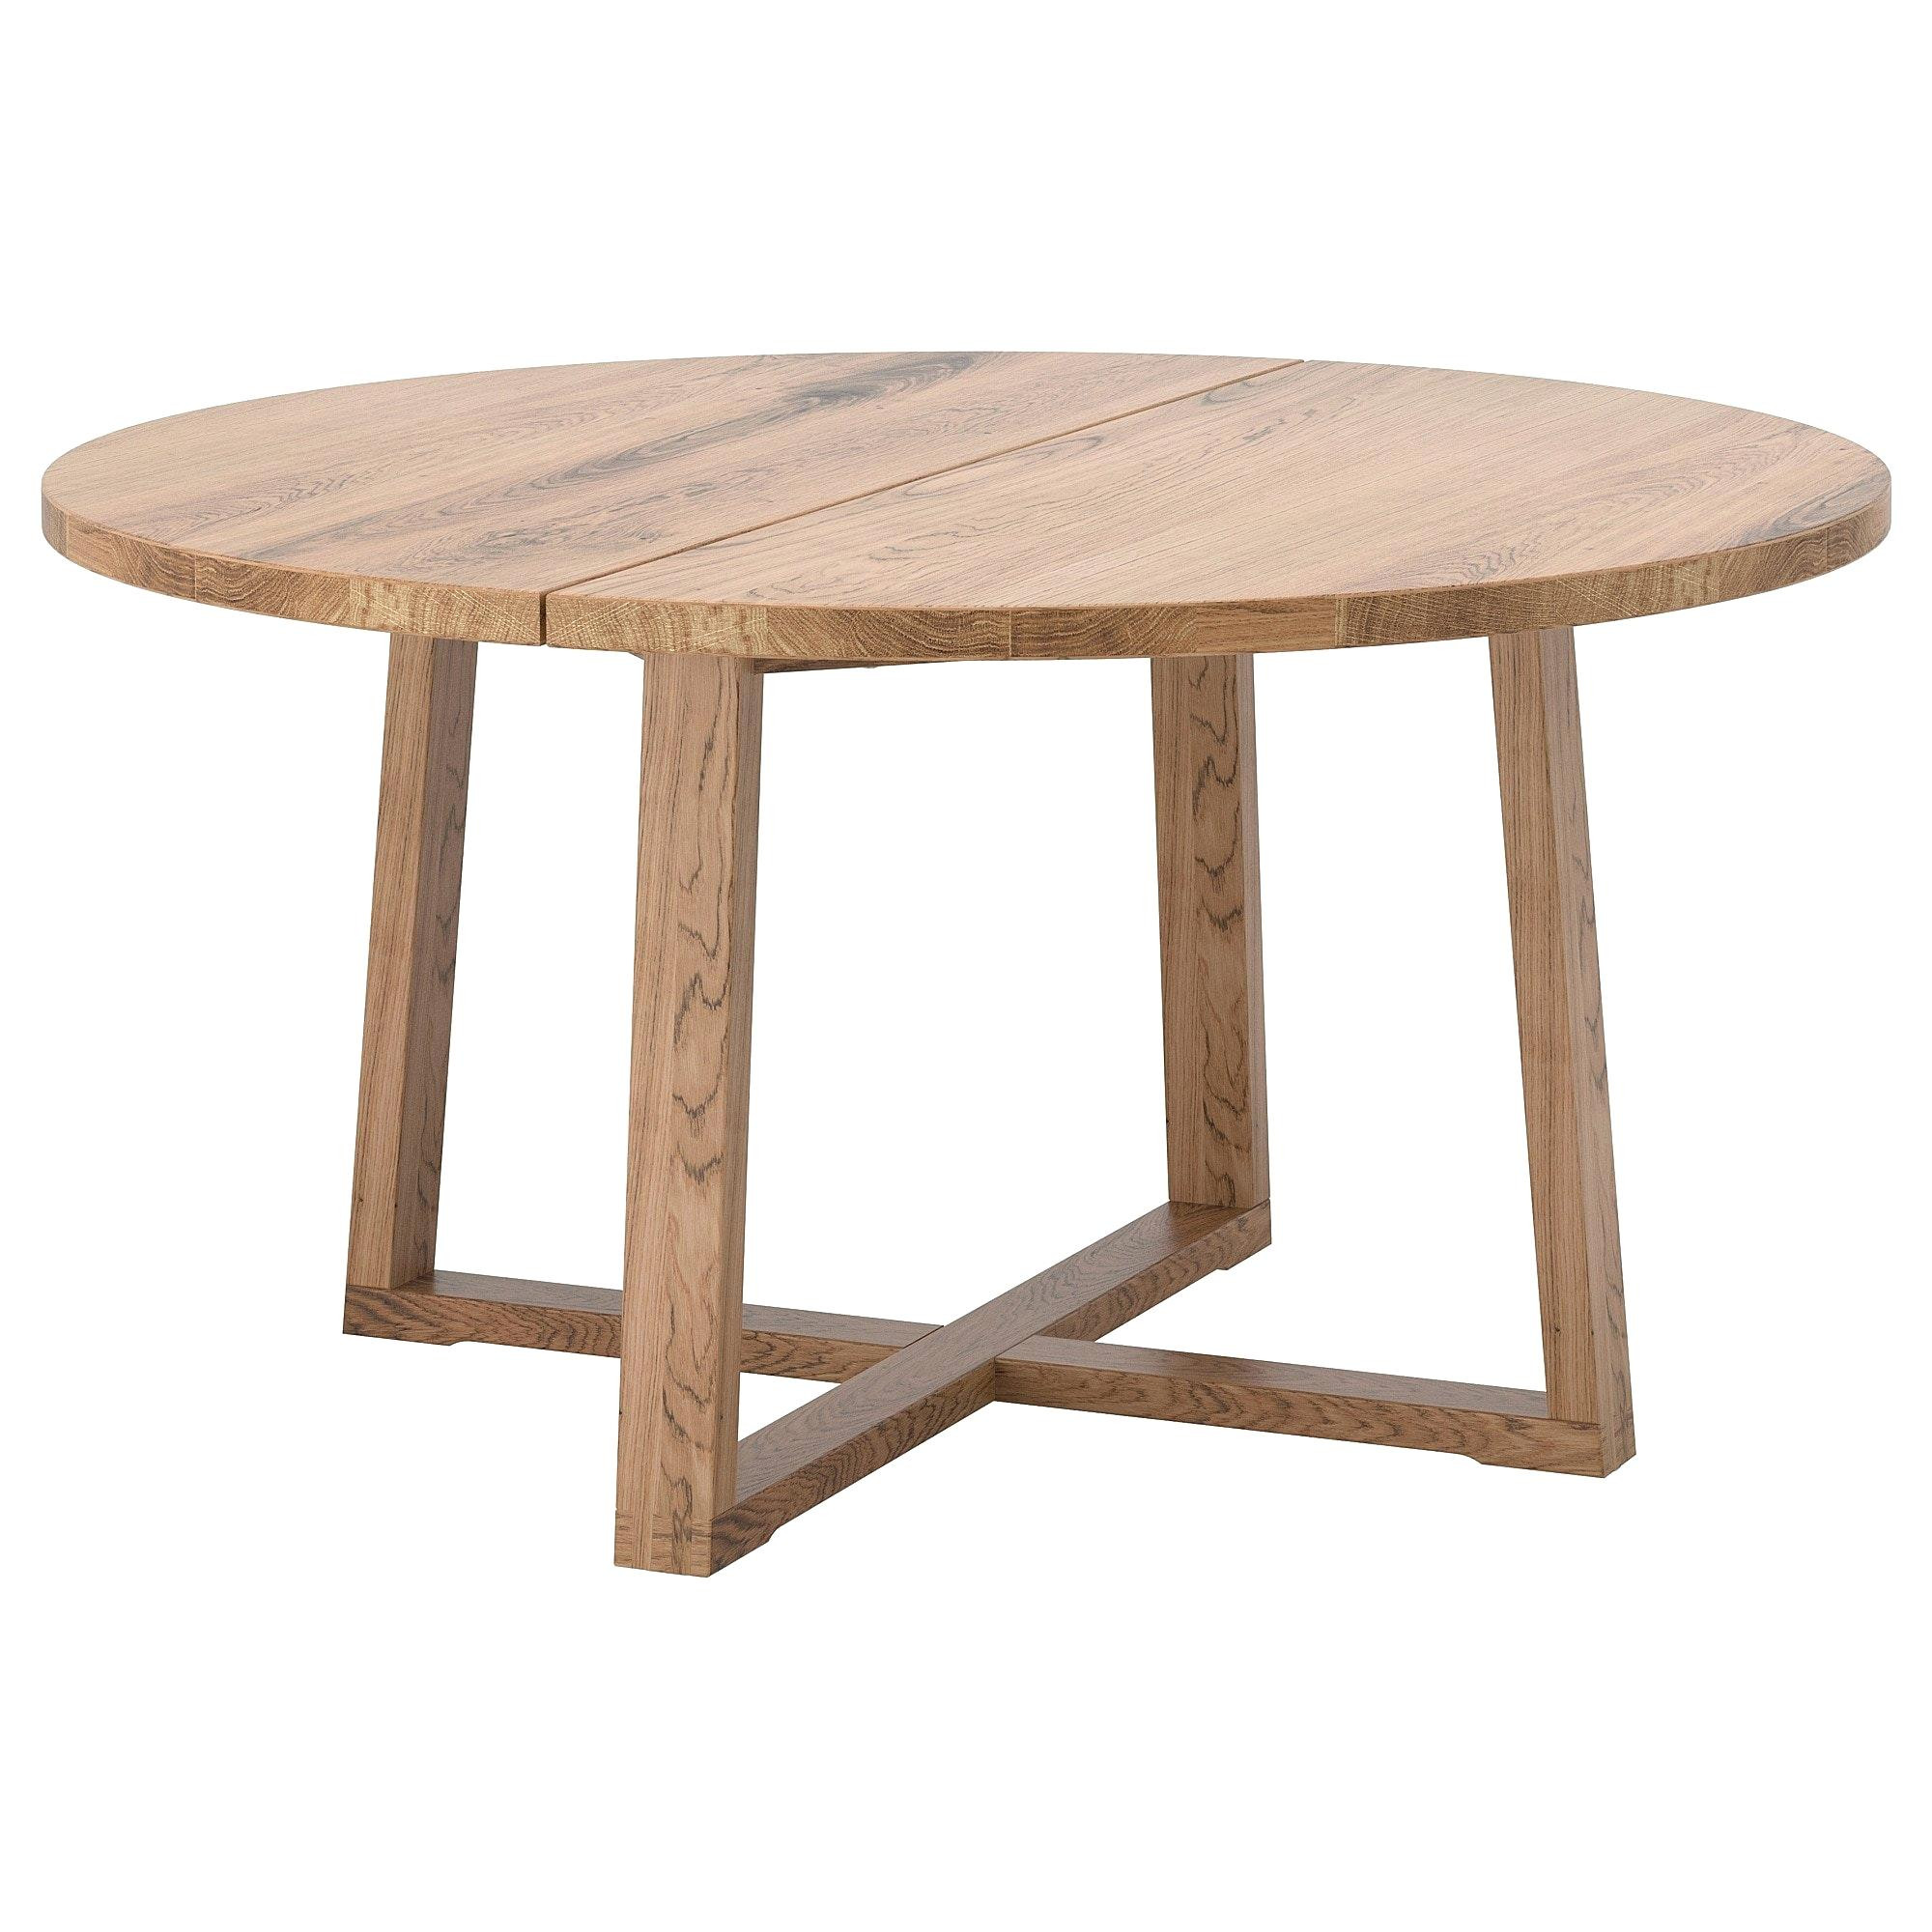 Full Size of Gartentisch Ikea Miniküche Küche Kosten Modulküche Betten 160x200 Sofa Mit Schlaffunktion Kaufen Bei Wohnzimmer Gartentisch Ikea